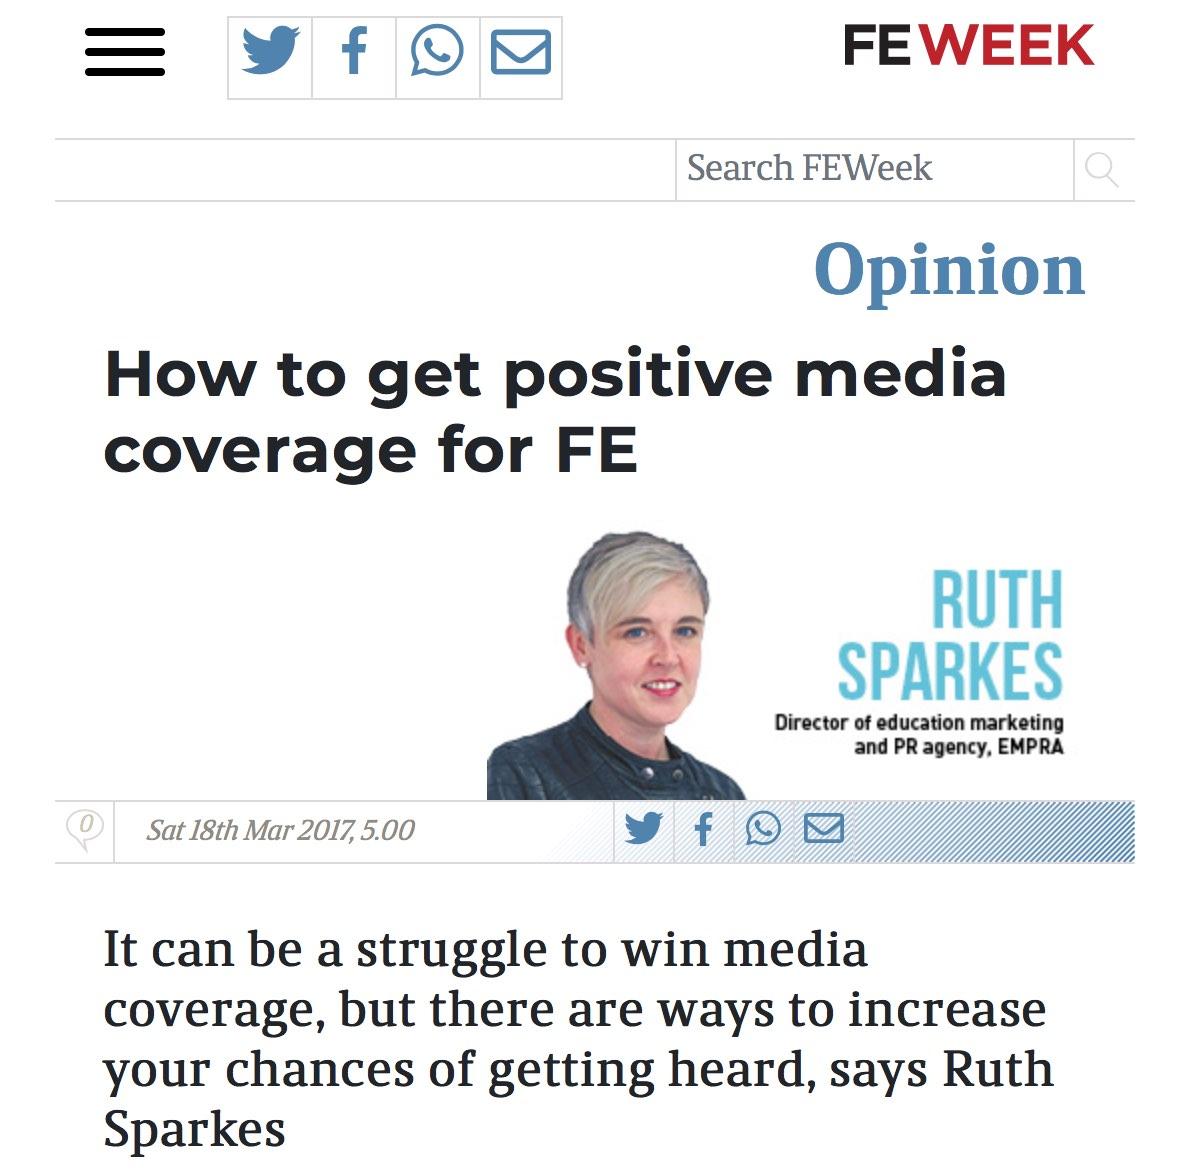 EMPRA's Ruth in FE Week